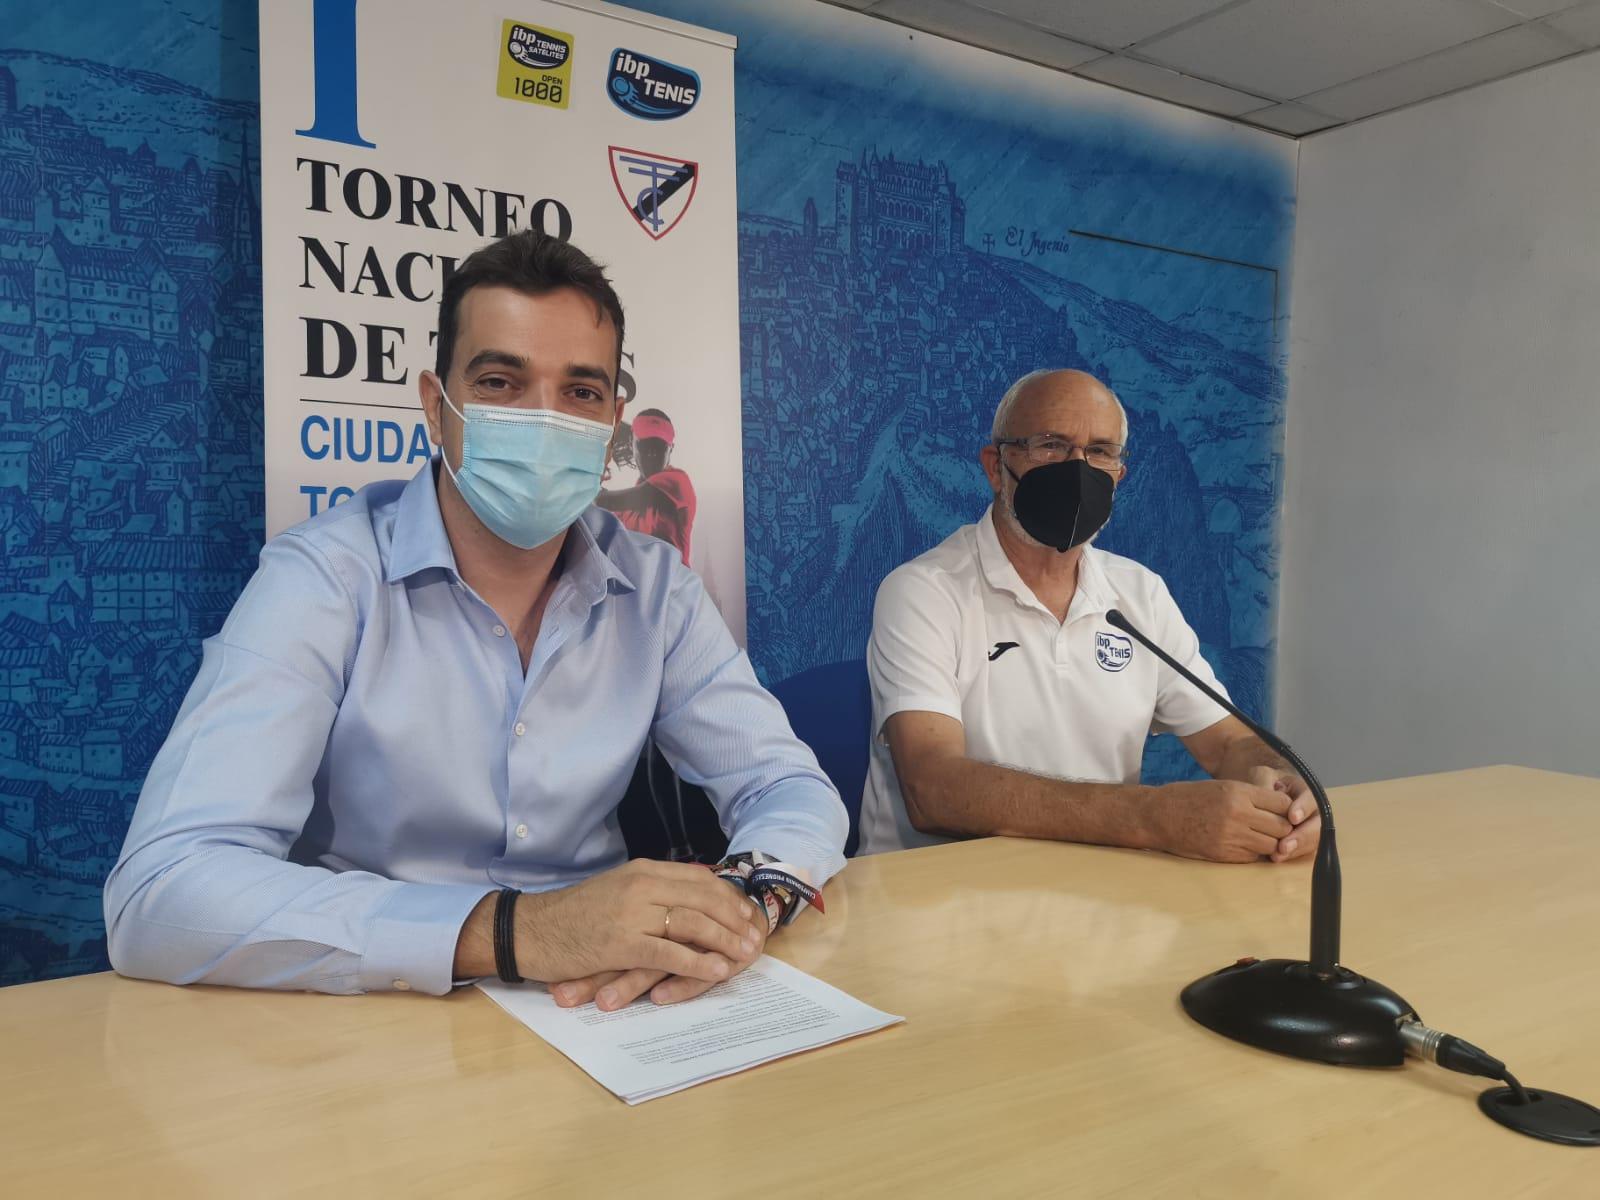 Toledo ofrecerá del 31 de agosto al 5 de septiembre el único torneo nacional de tenis femenino de toda Castilla-La Mancha